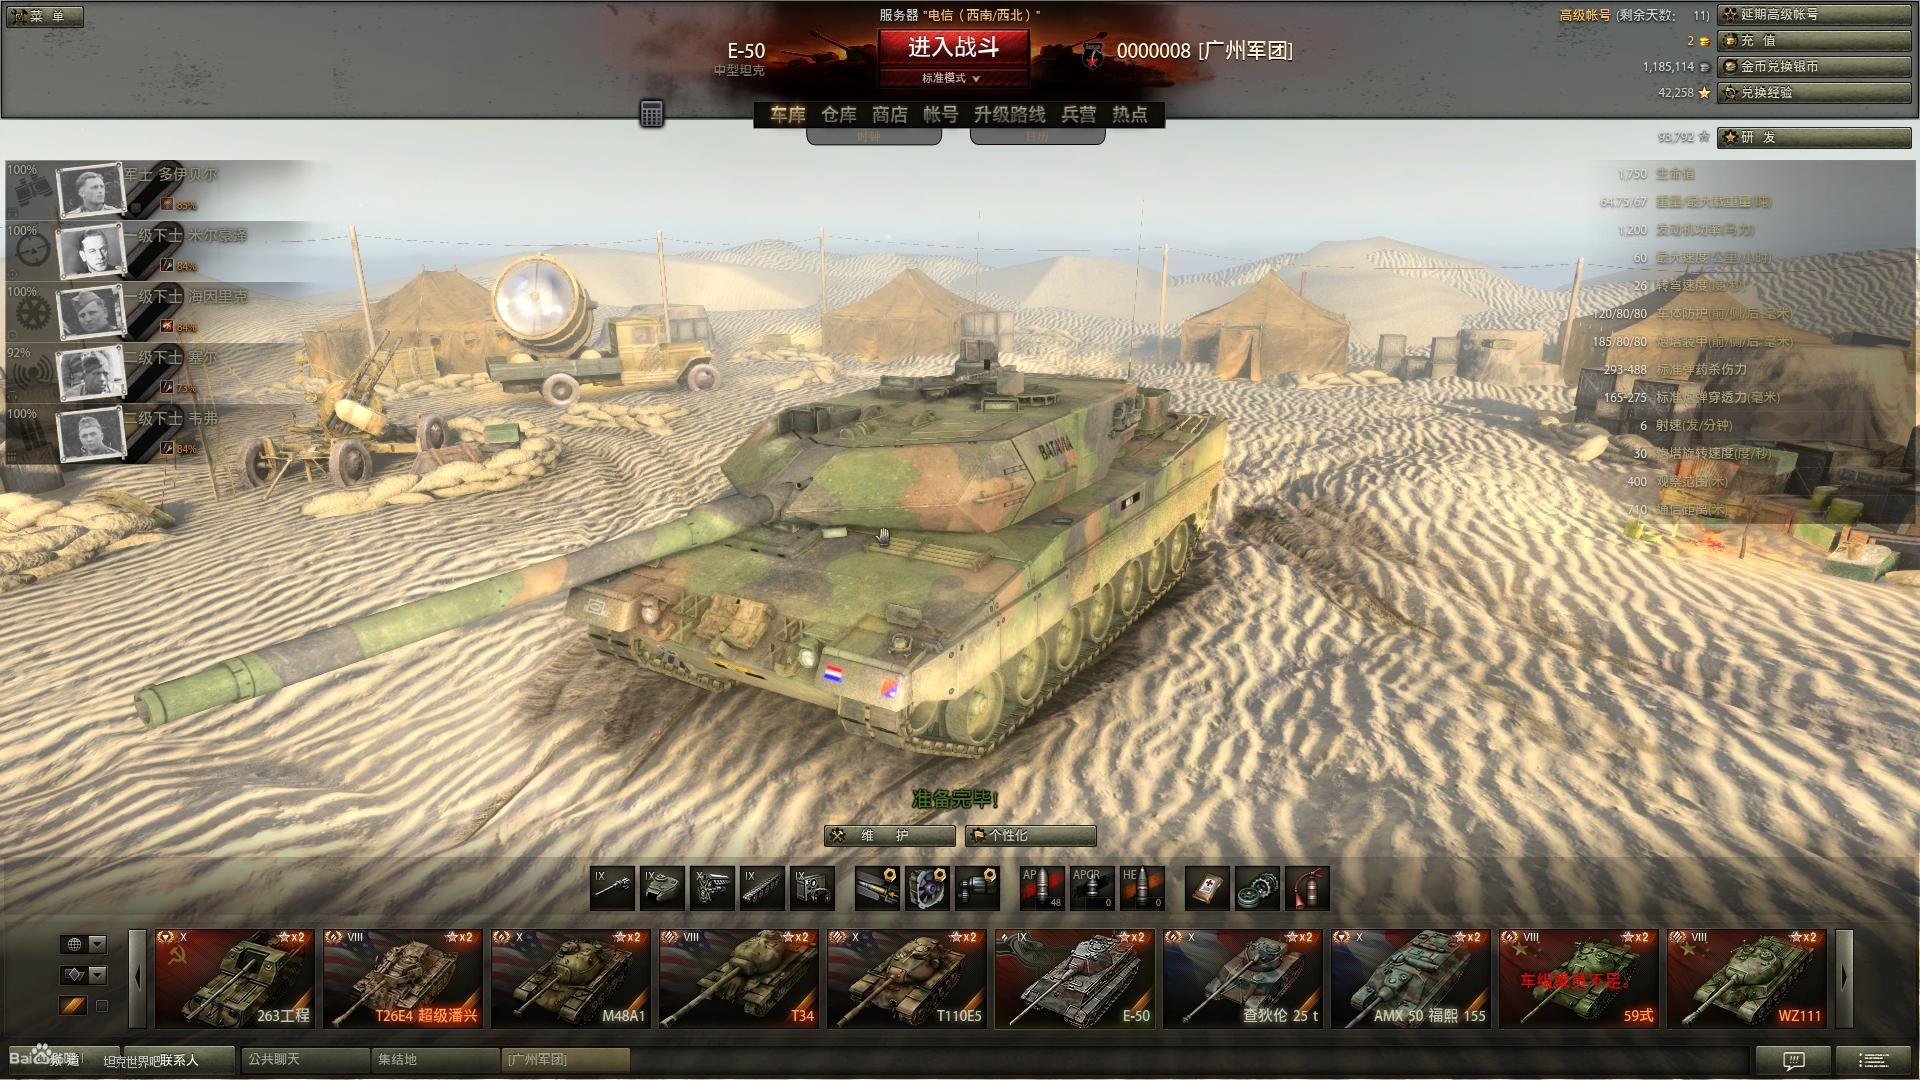 2_求e-50m的豹2mod